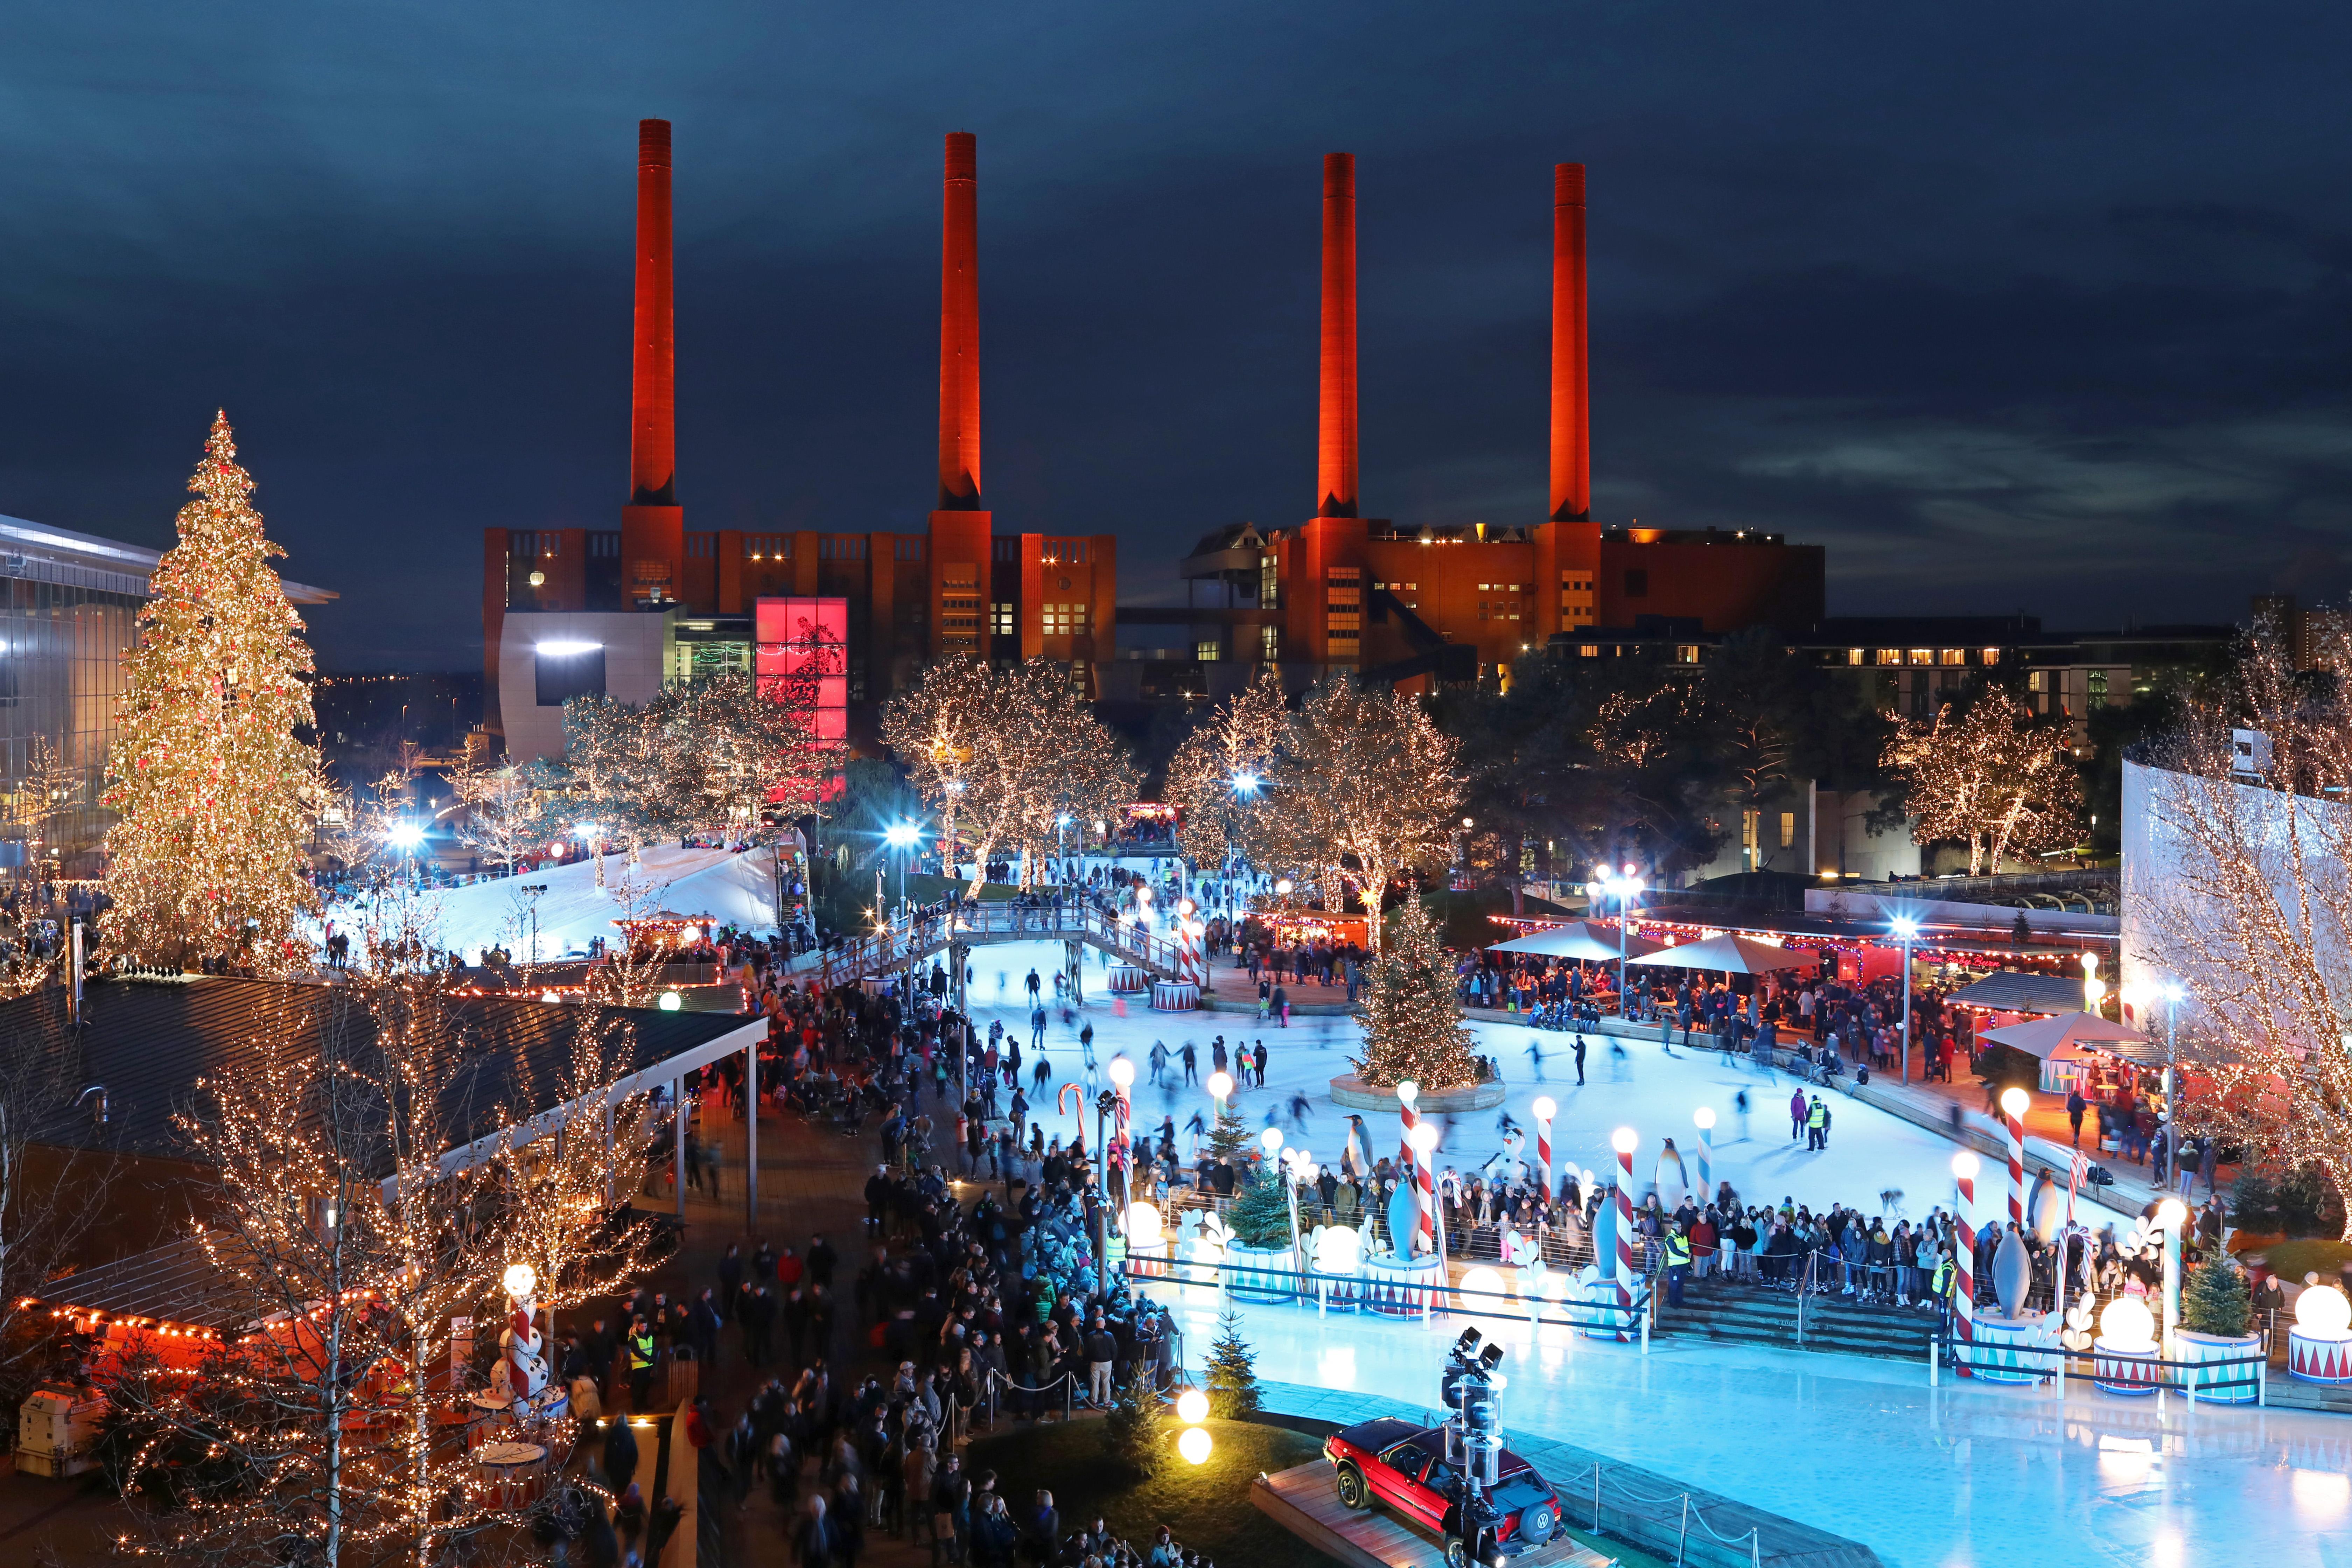 Autostadt Wolfsburg Weihnachtsmarkt.455 000 Gäste Besuchten Traumhafte Winterwelt Der Autostadt In